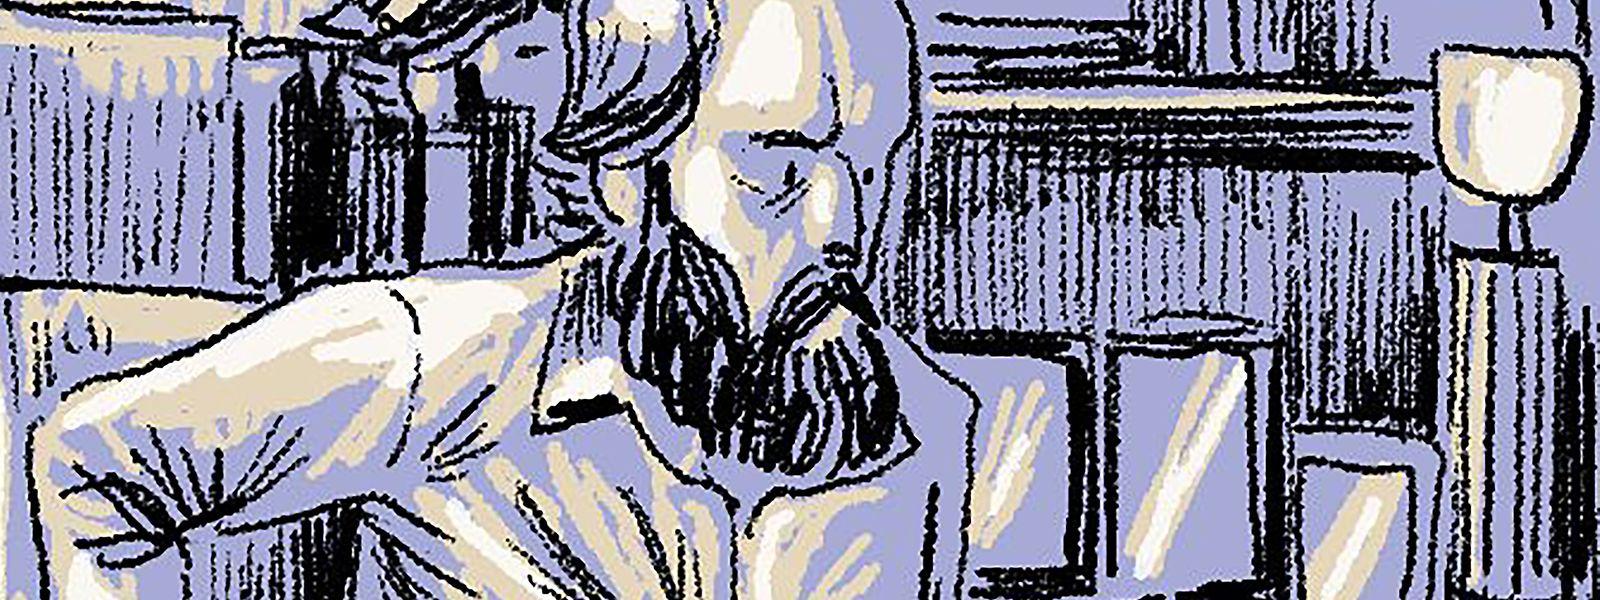 1970 erhielt Alexander Solschenizyn den Nobelpreis für Literatur.